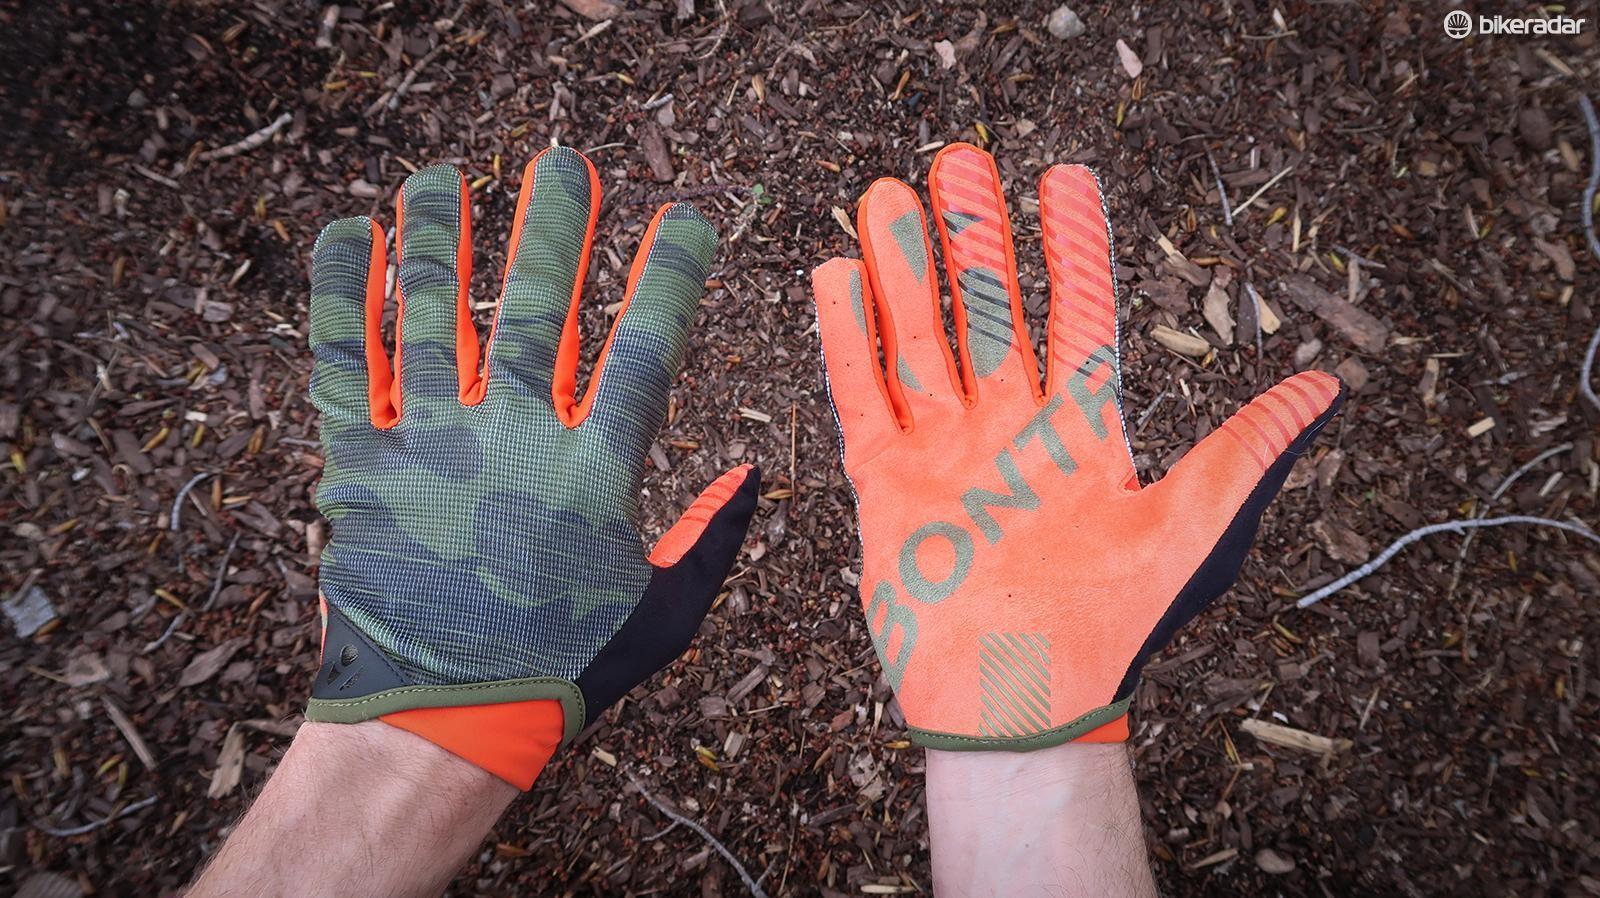 Bontrager's minimalist Rhythm gloves